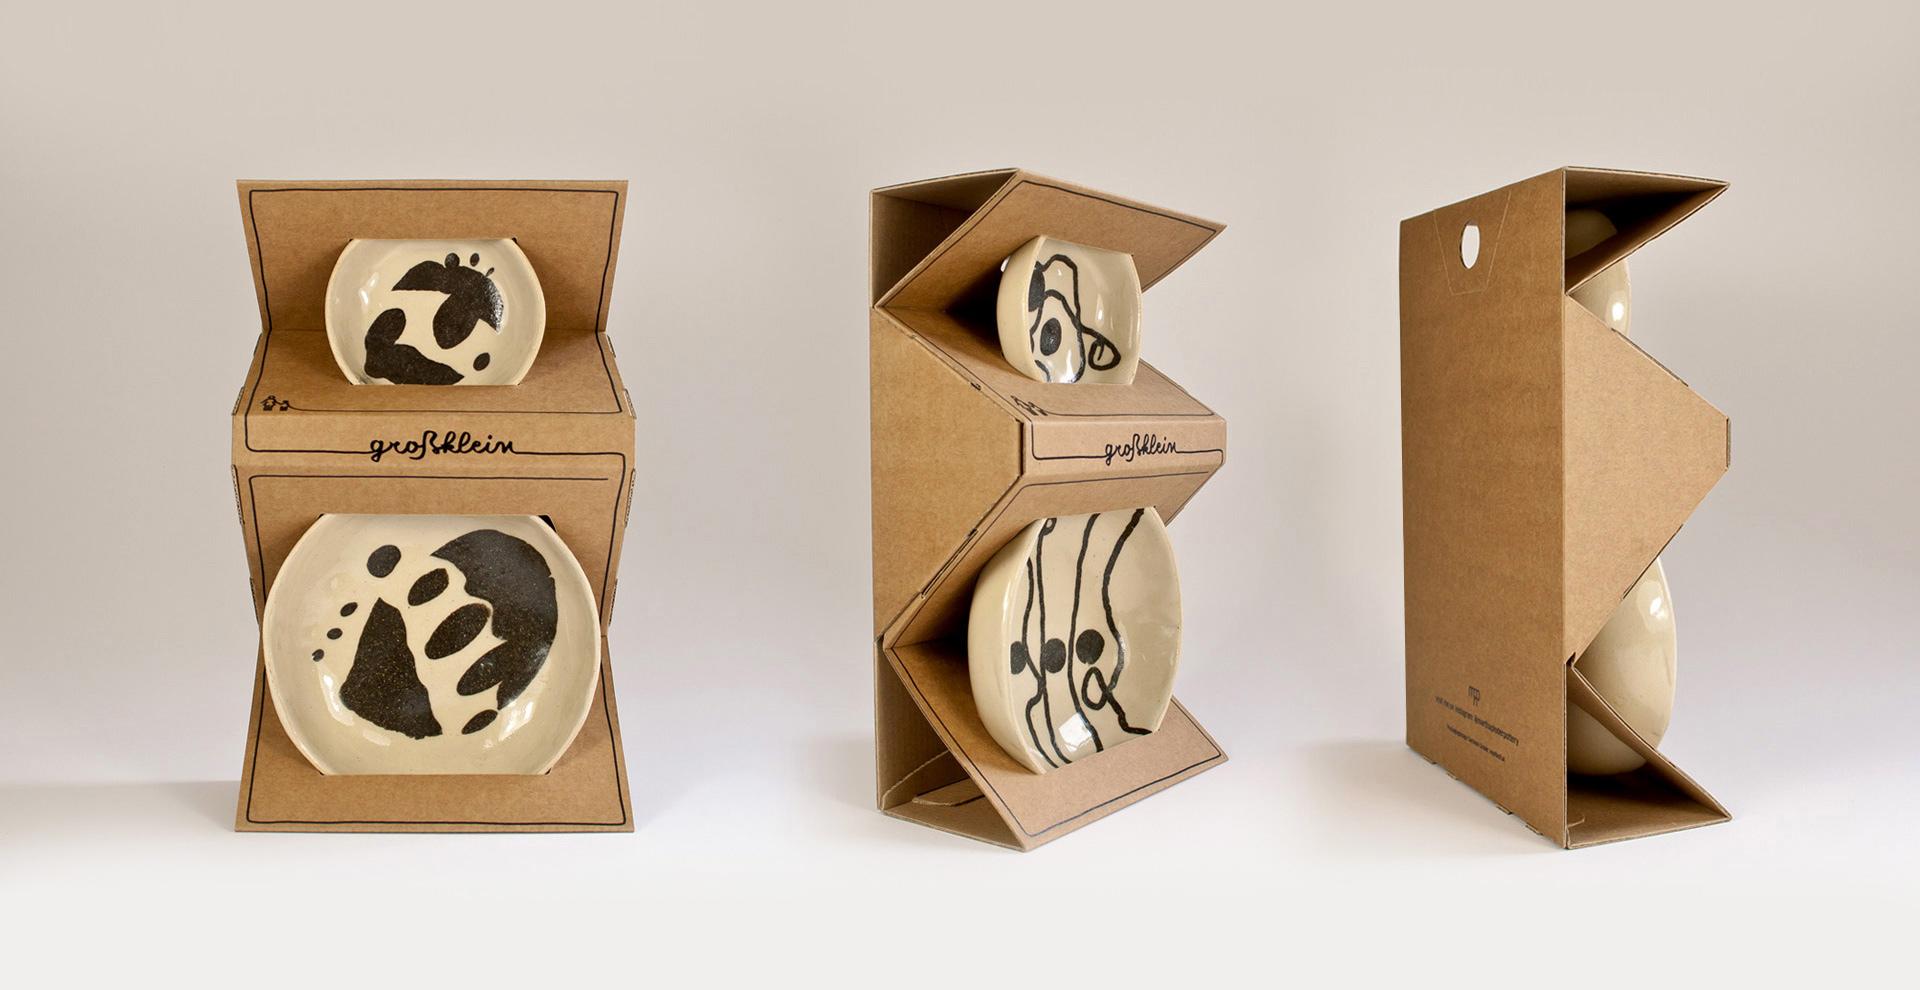 Groß-Klein Keramikserie Versand- und Präsentationsverpackung